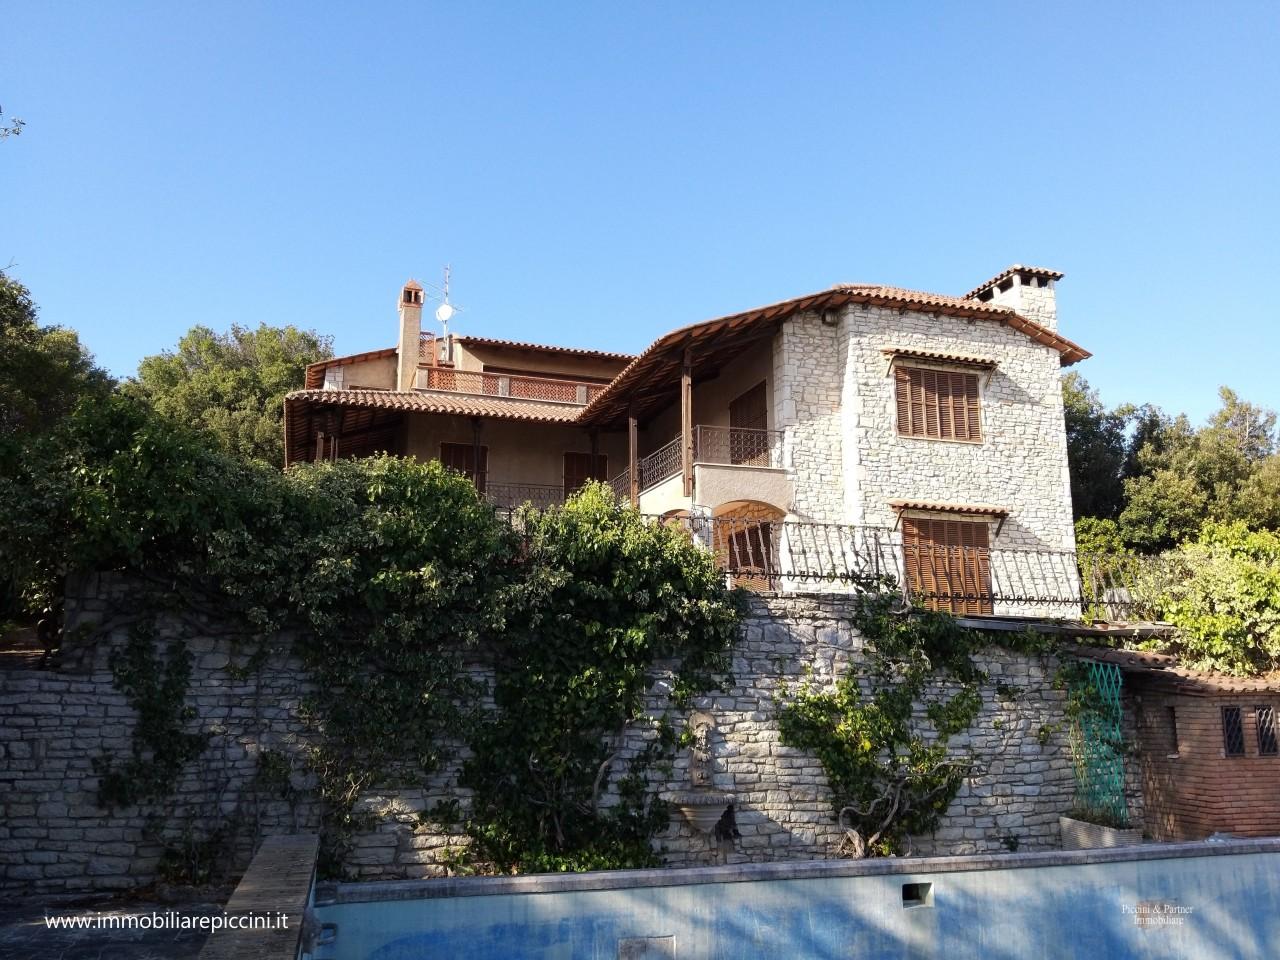 Indipendente - Villa a Colle della Trinità, Perugia